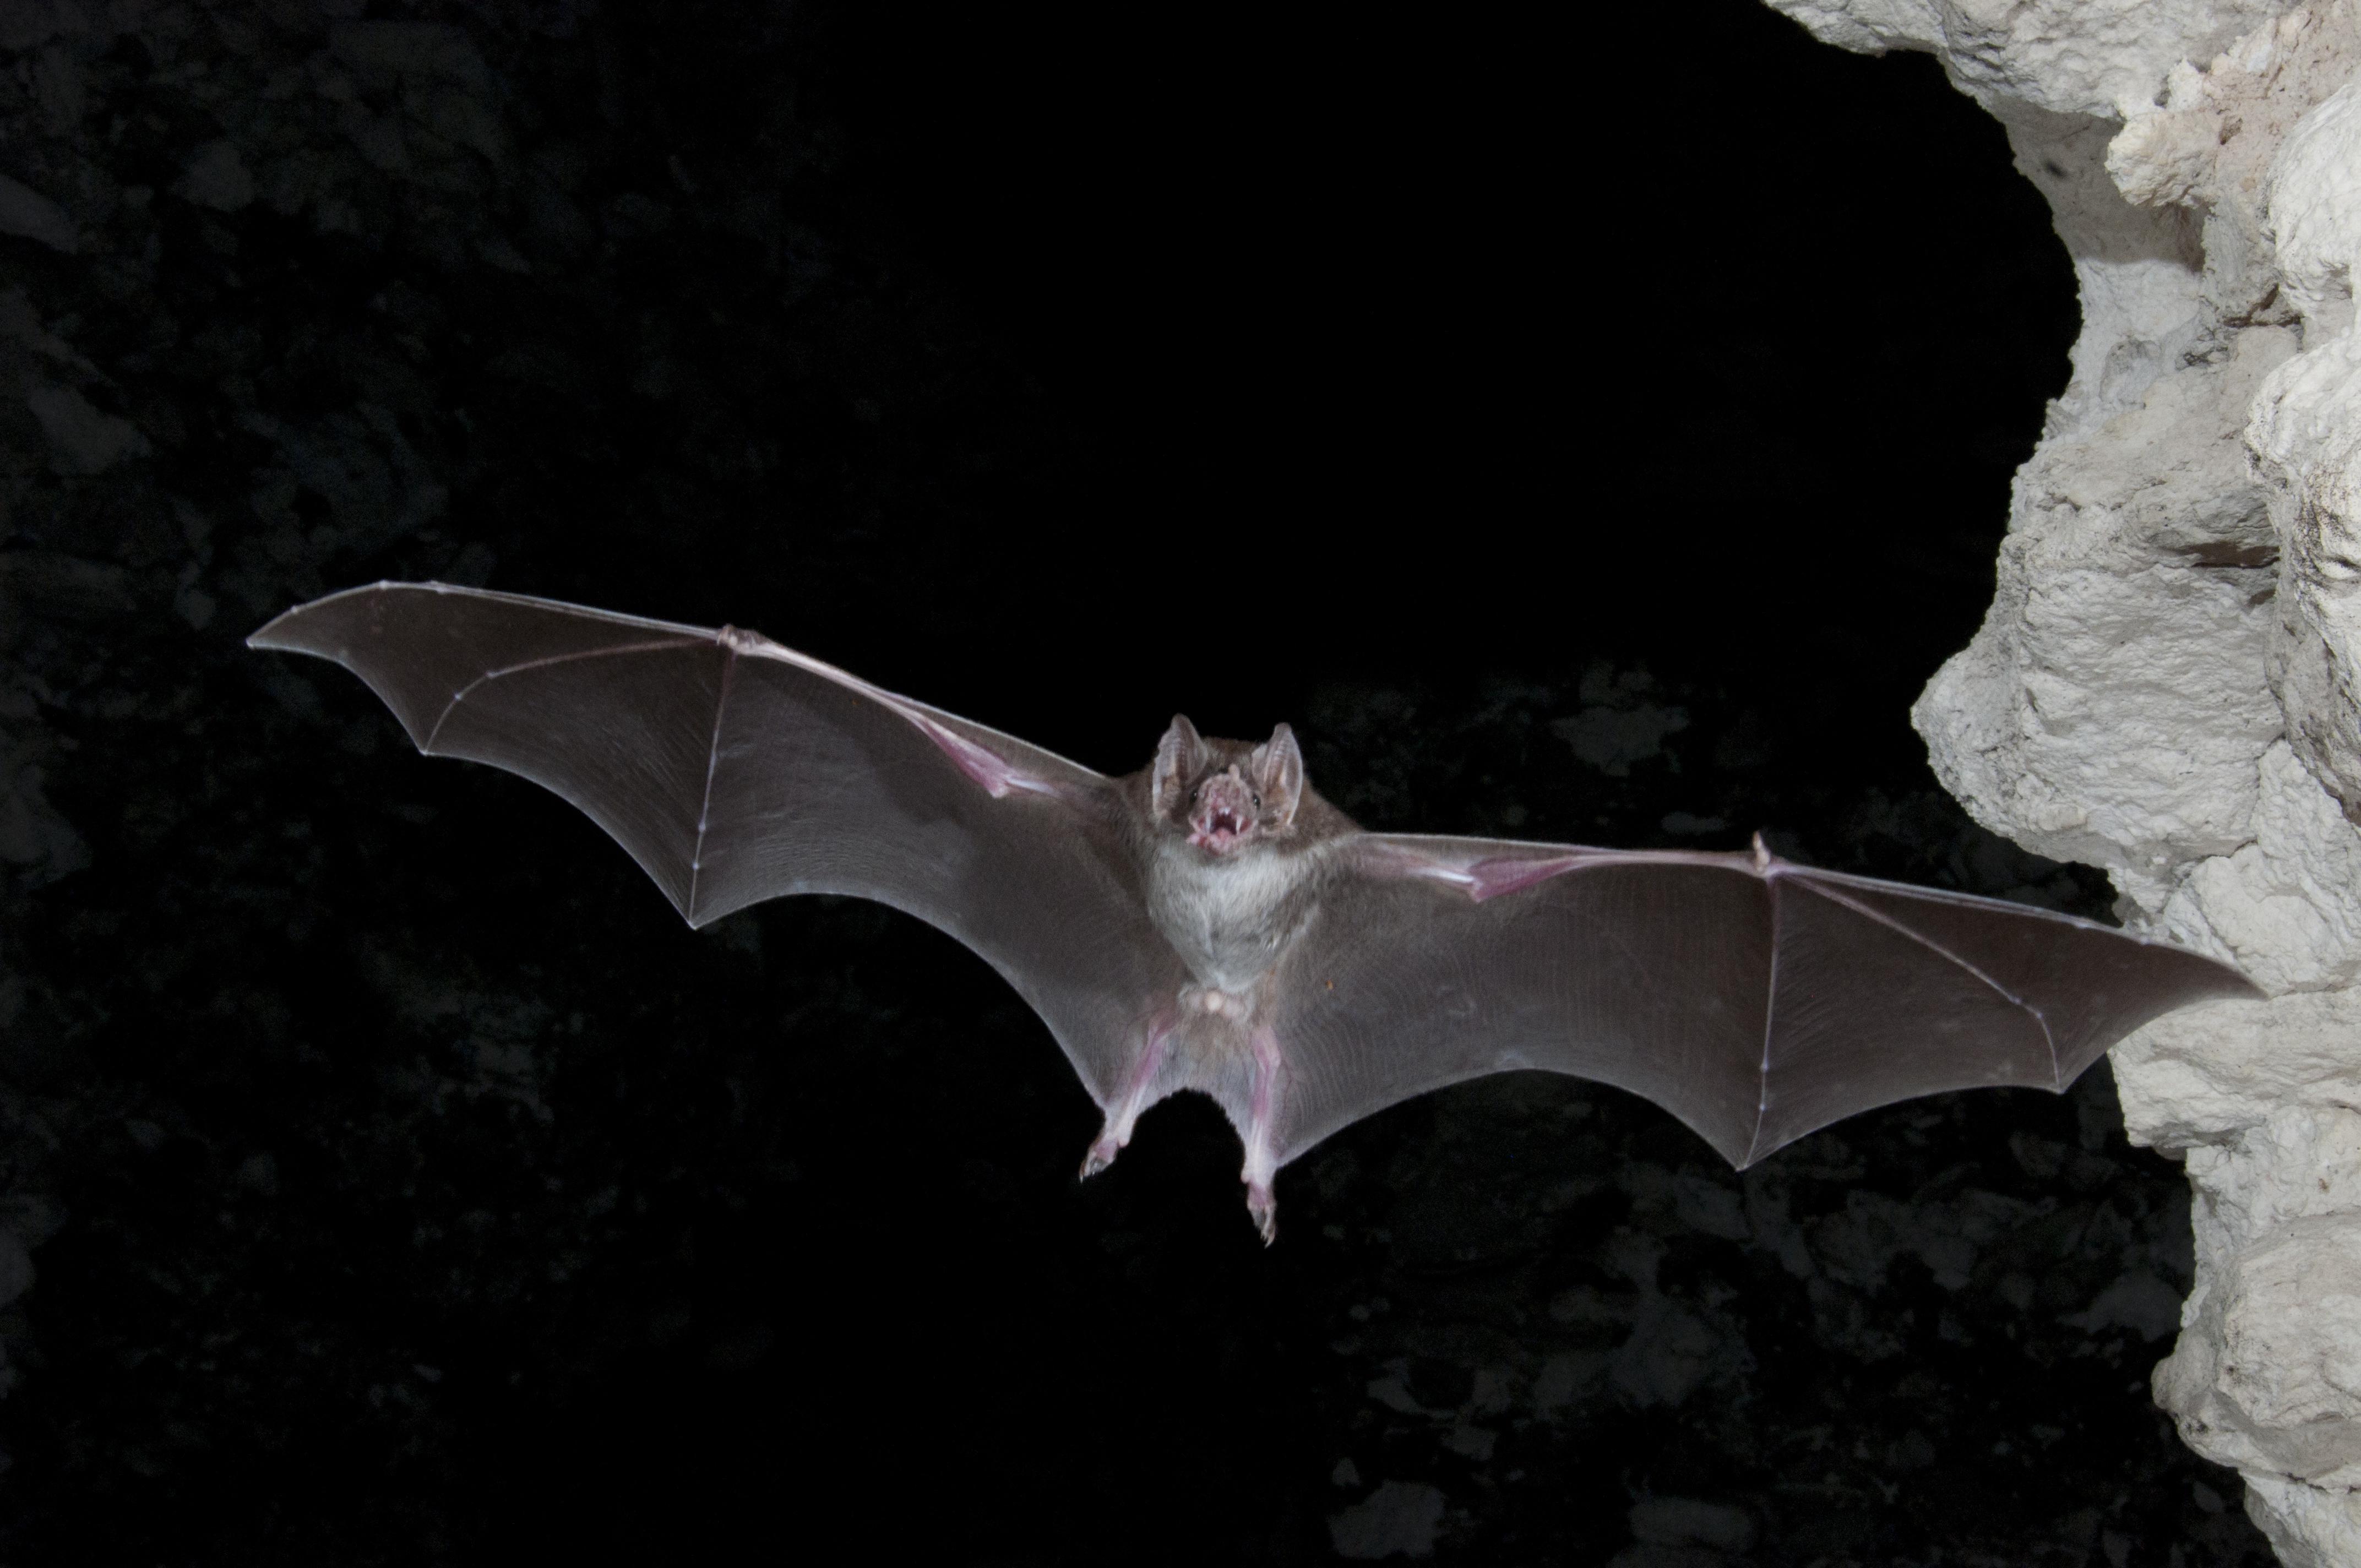 Vampire Bat Wallpapers Hd